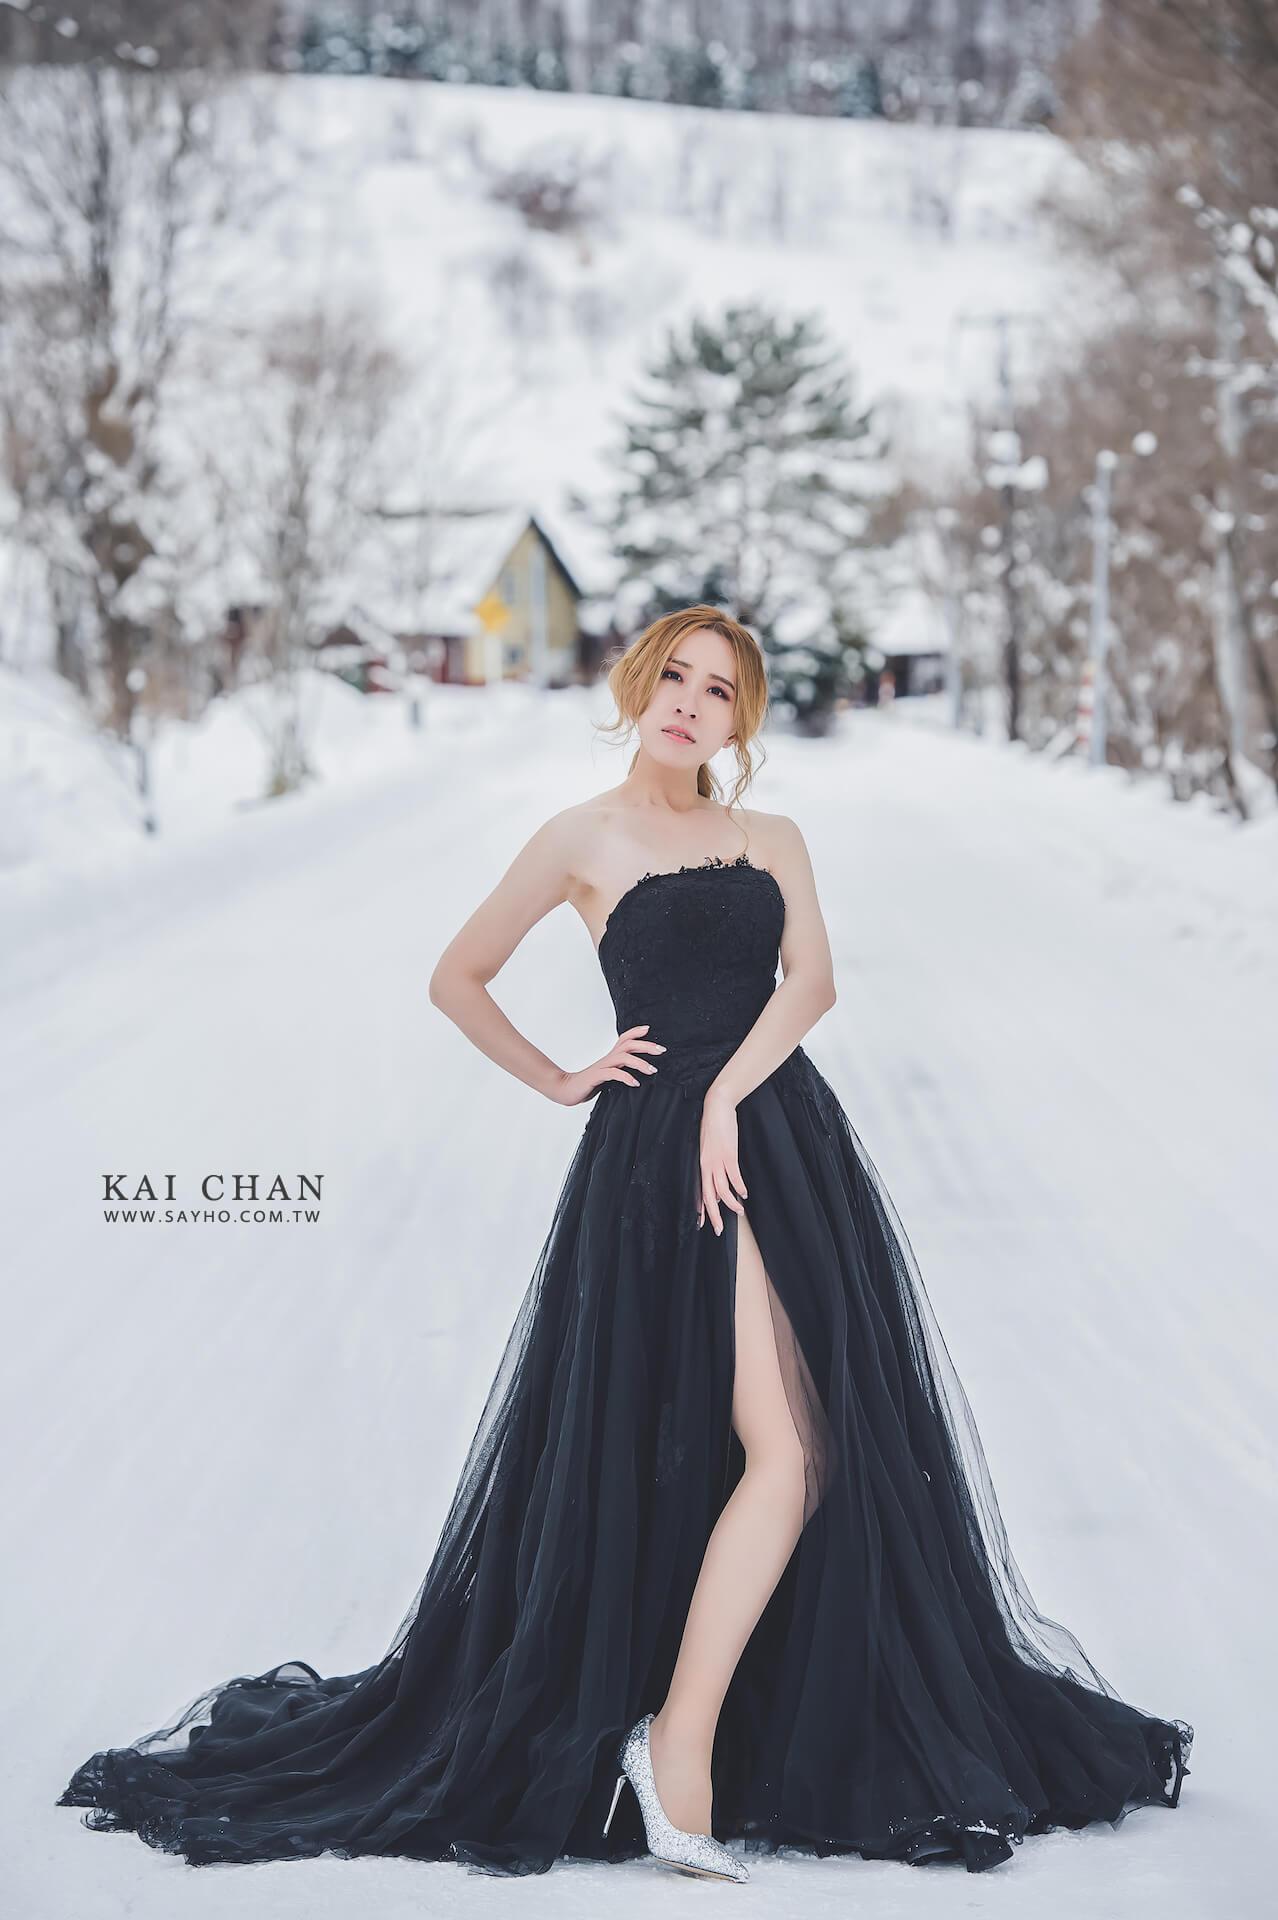 美瑛景點,北海道婚紗,雪景婚紗